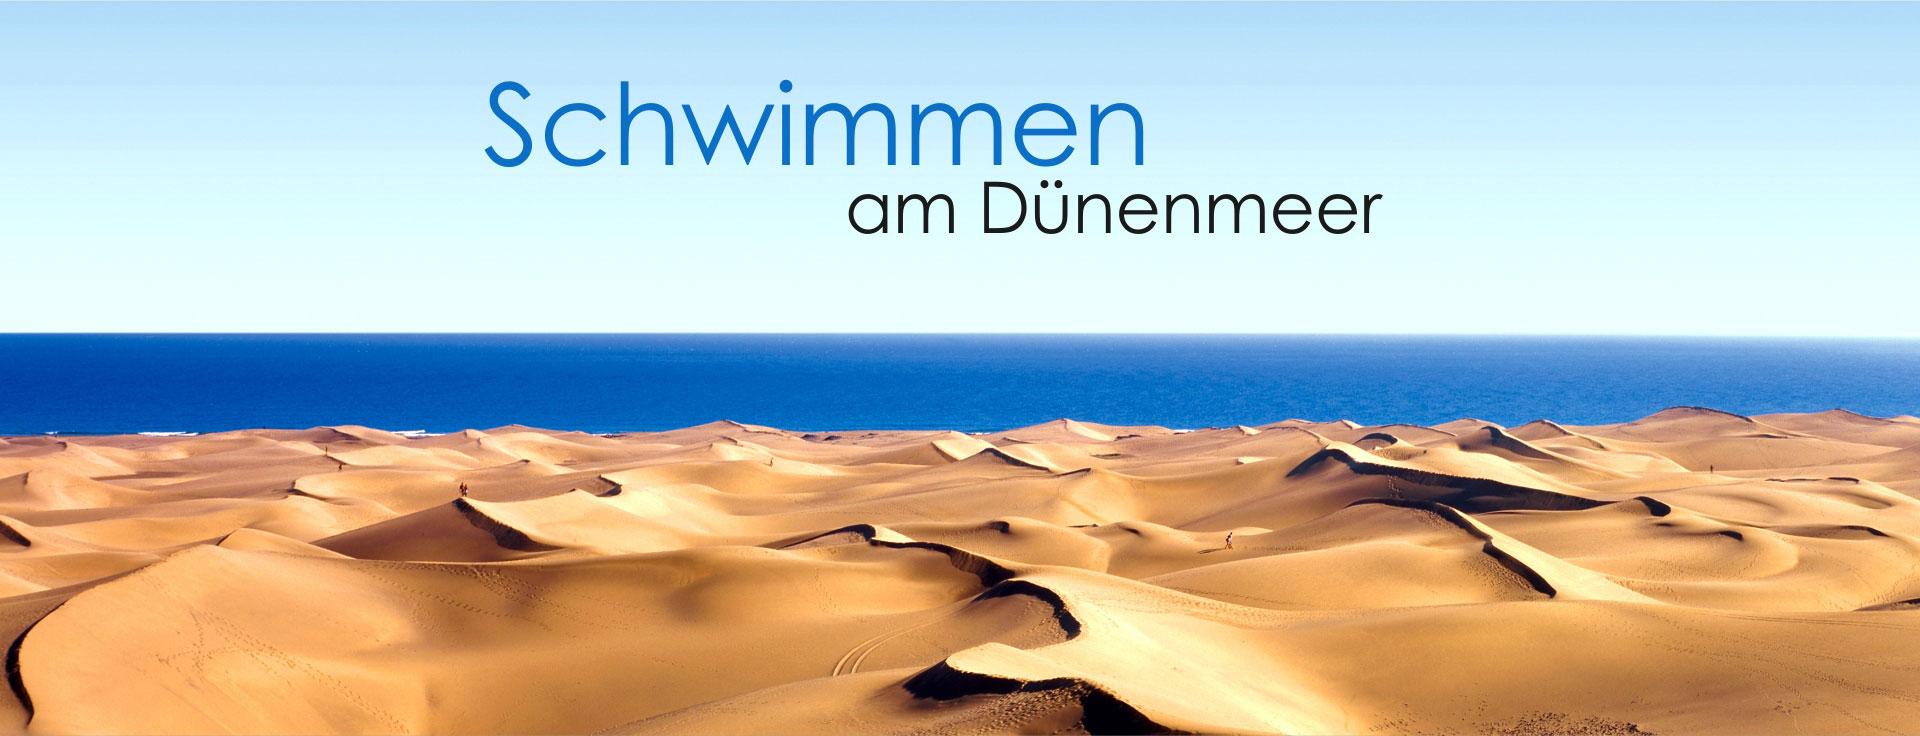 Schwimmen am Dünenmeer